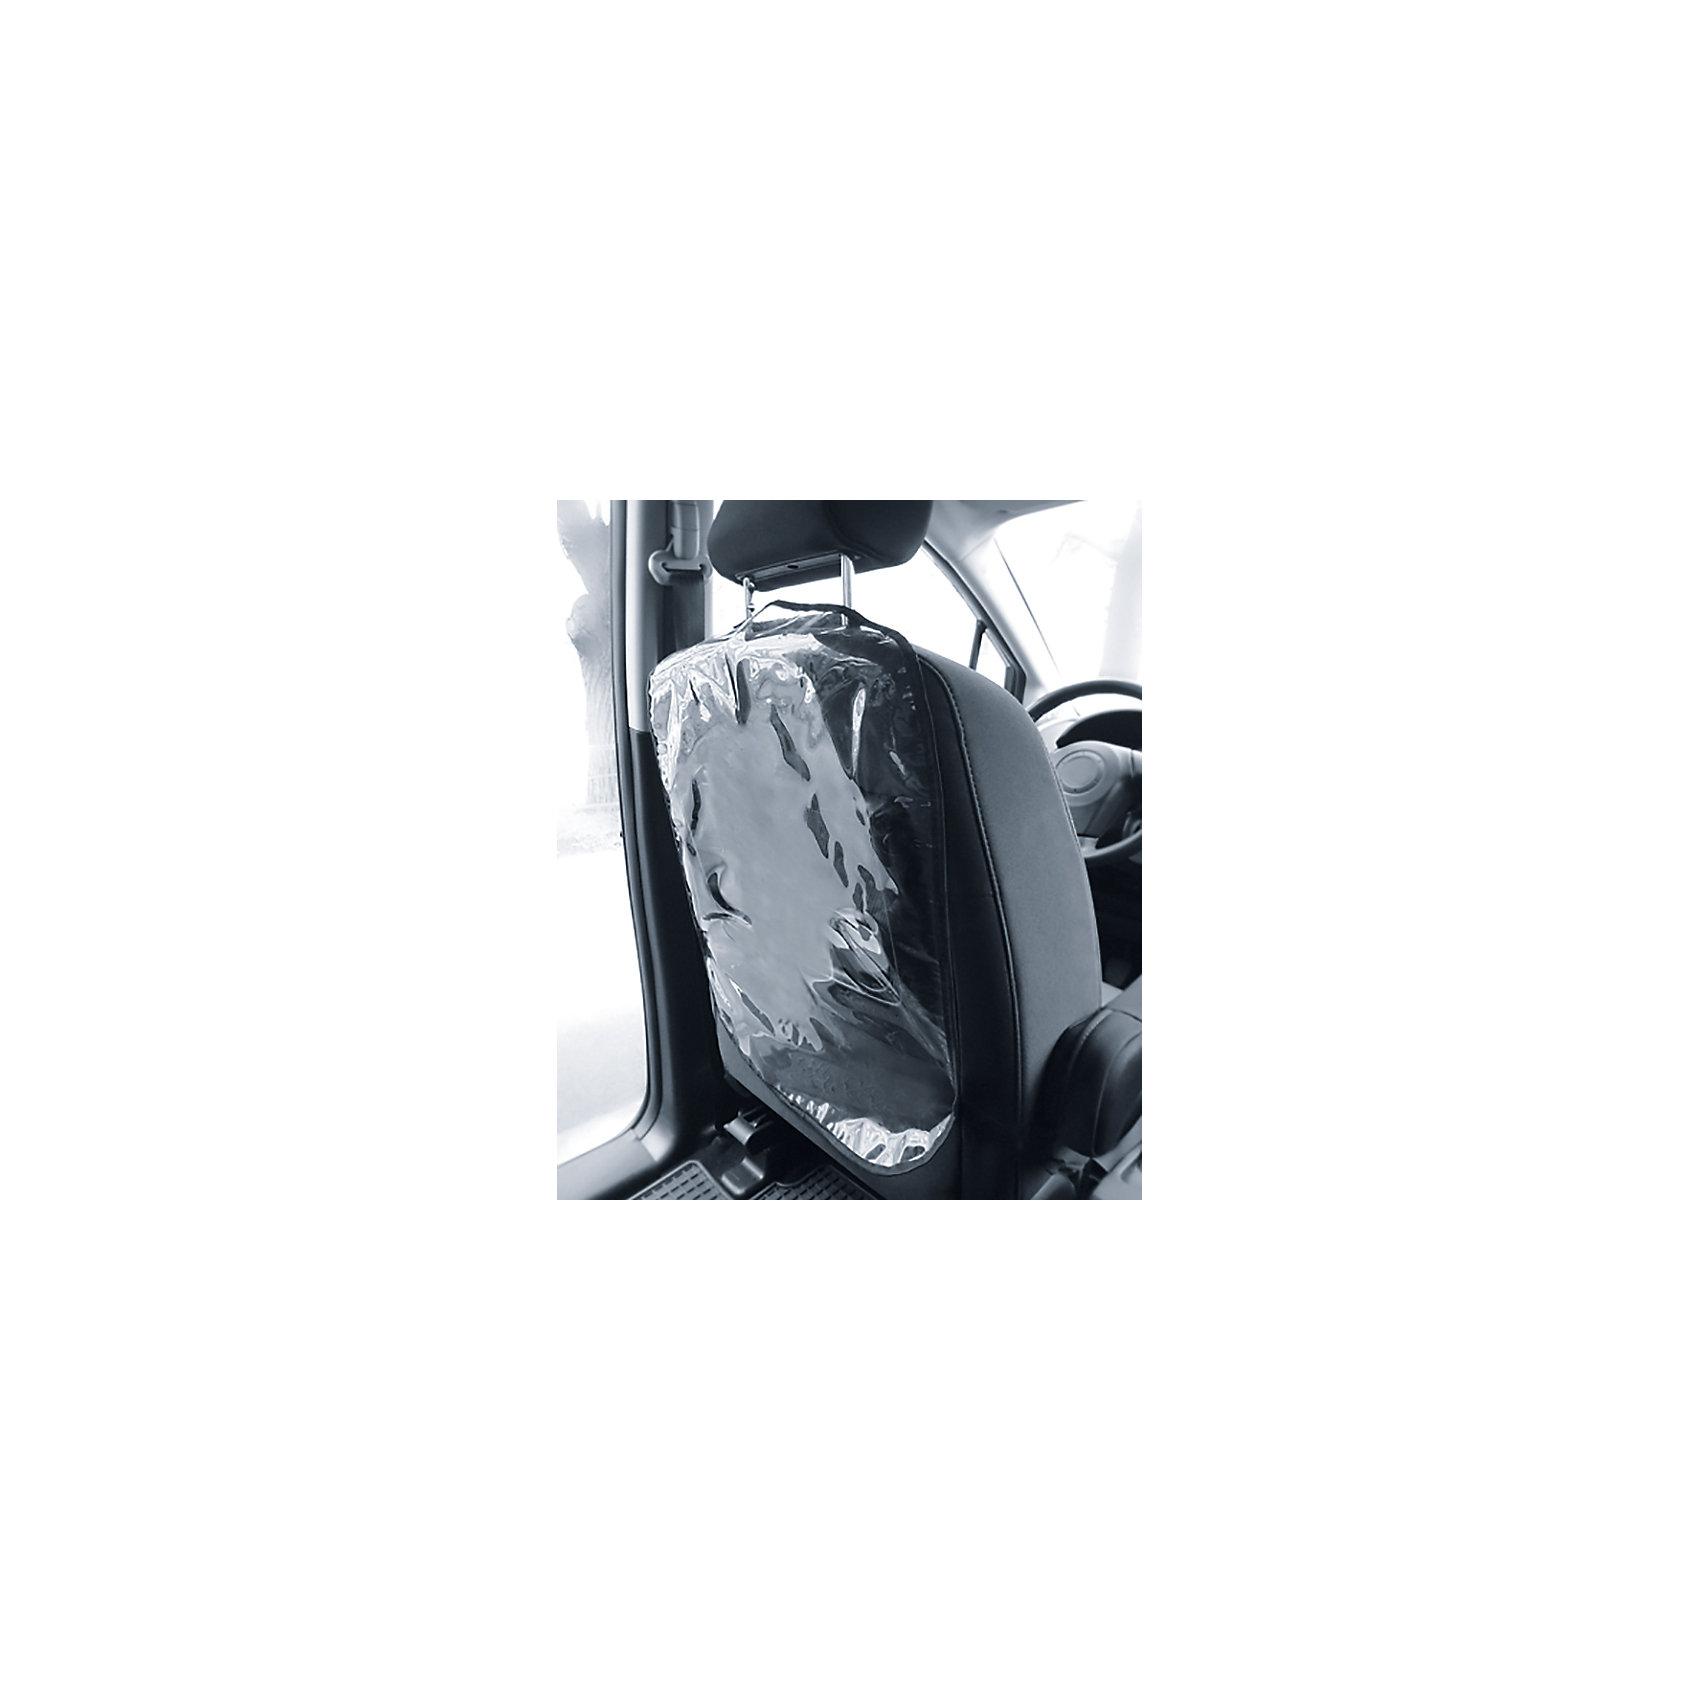 Защитная накидка на спинку автомобильного сиденья, ВитошаЗащитная накидка на спинку автомобильного сиденья Витоша<br>Артикул 466<br>Размер: 60 х 40 см <br>Материал: пленка ПВХ прозрачная<br><br>Ширина мм: 250<br>Глубина мм: 165<br>Высота мм: 10<br>Вес г: 200<br>Возраст от месяцев: 0<br>Возраст до месяцев: 36<br>Пол: Унисекс<br>Возраст: Детский<br>SKU: 5500271